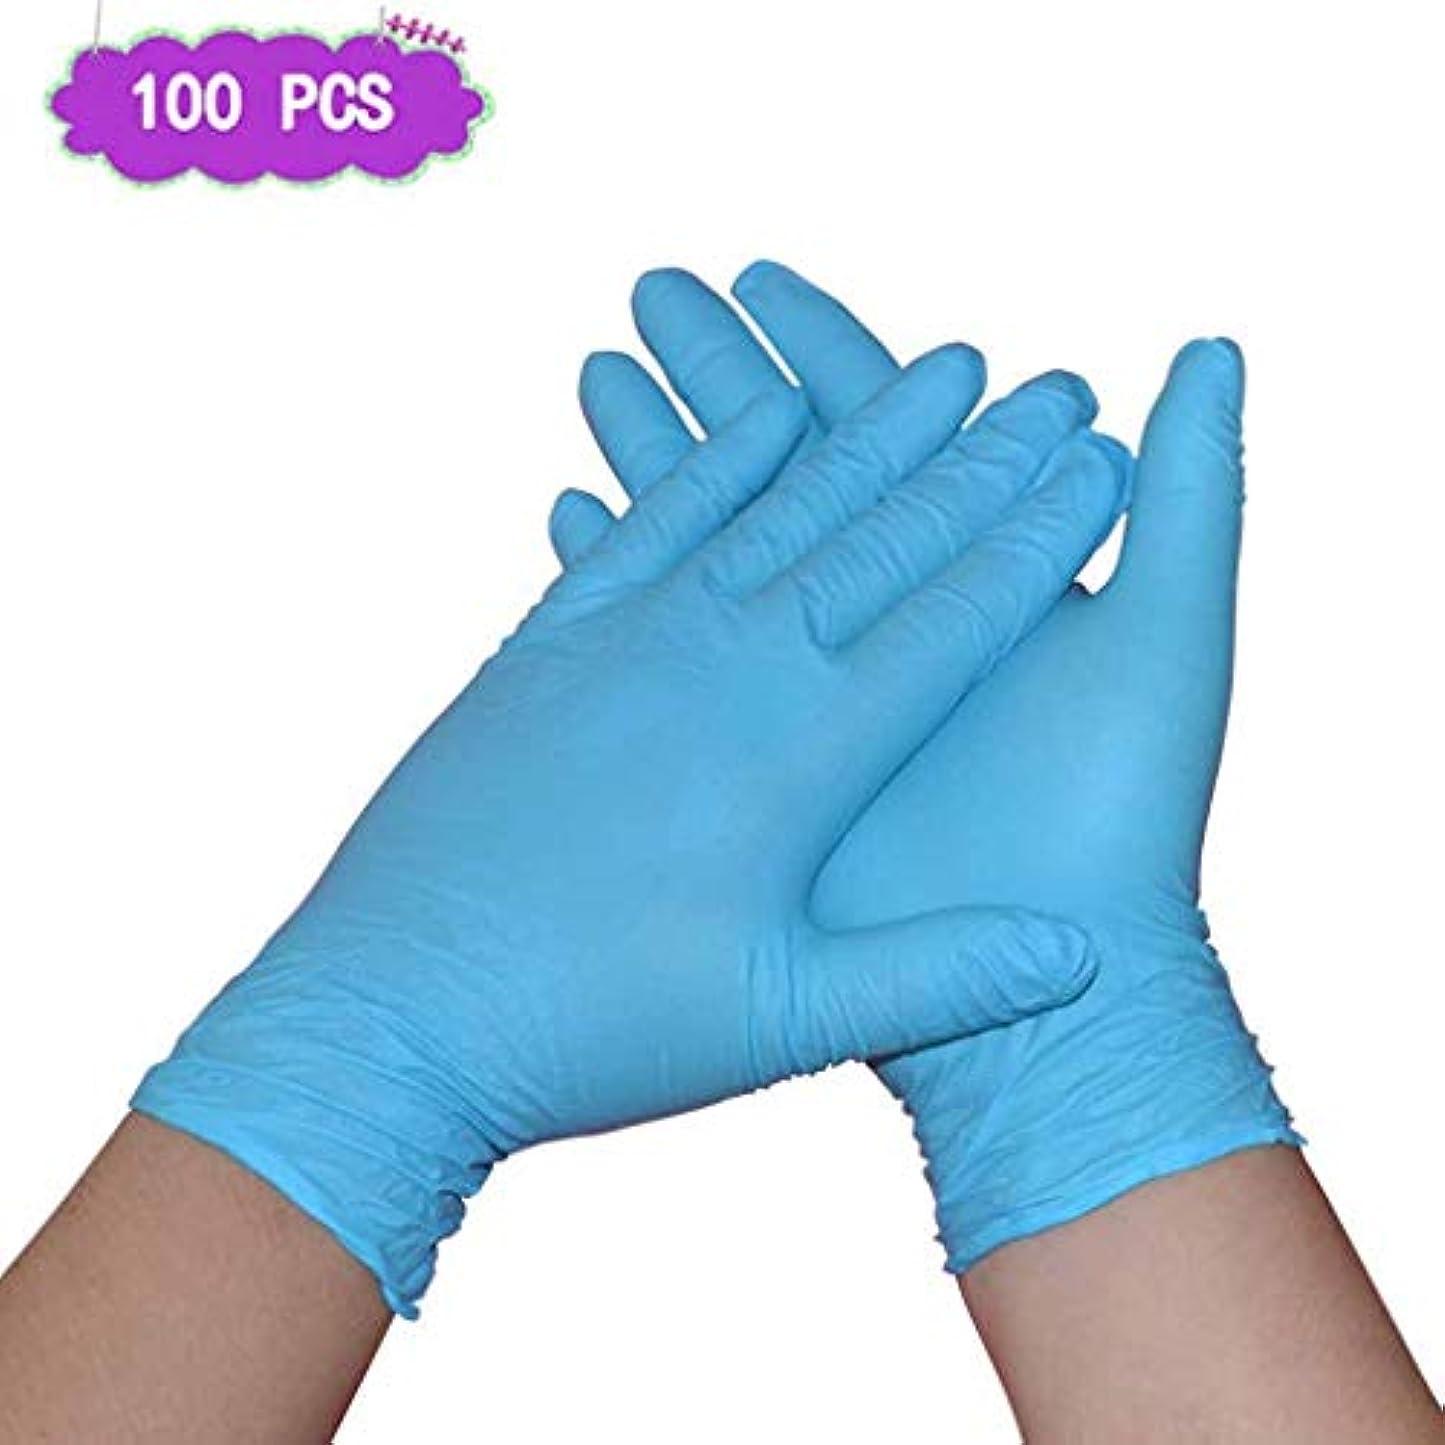 受付ウナギ極端なニトリル手袋9インチ厚い青いラテックスゴム家事美防水酸とアルカリの義務試験手袋|病院、法執行機関向けのプロフェッショナルグレード (Size : L)